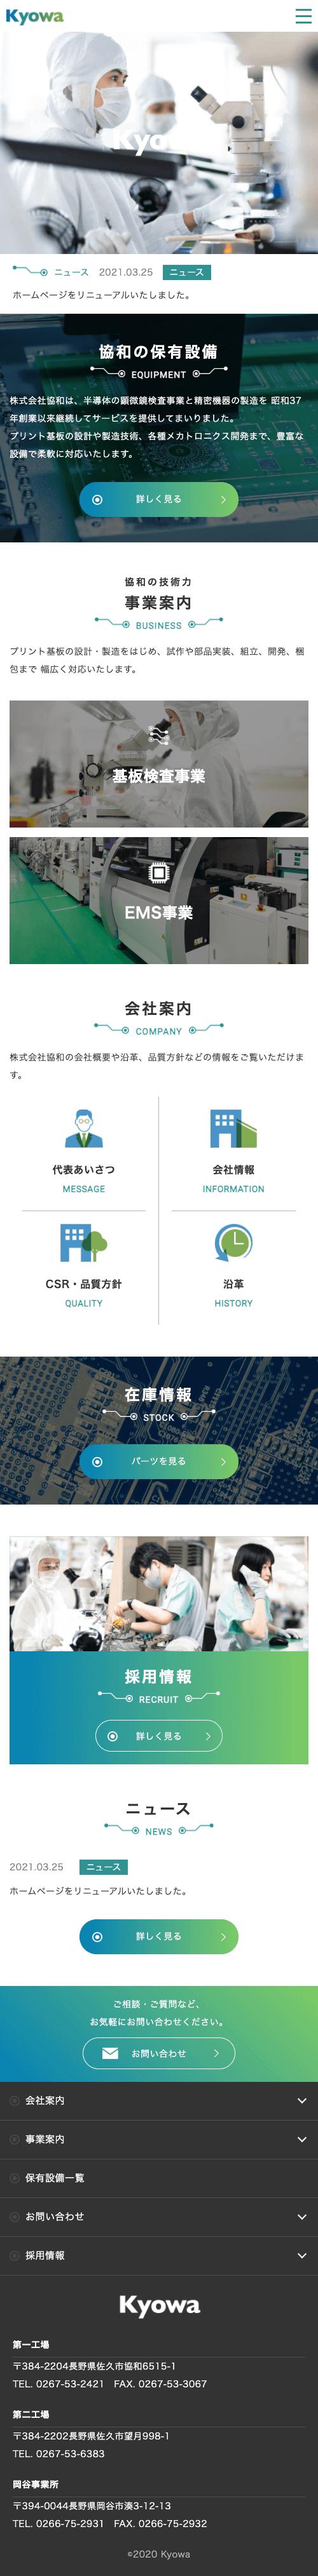 株式会社協和spイメージ